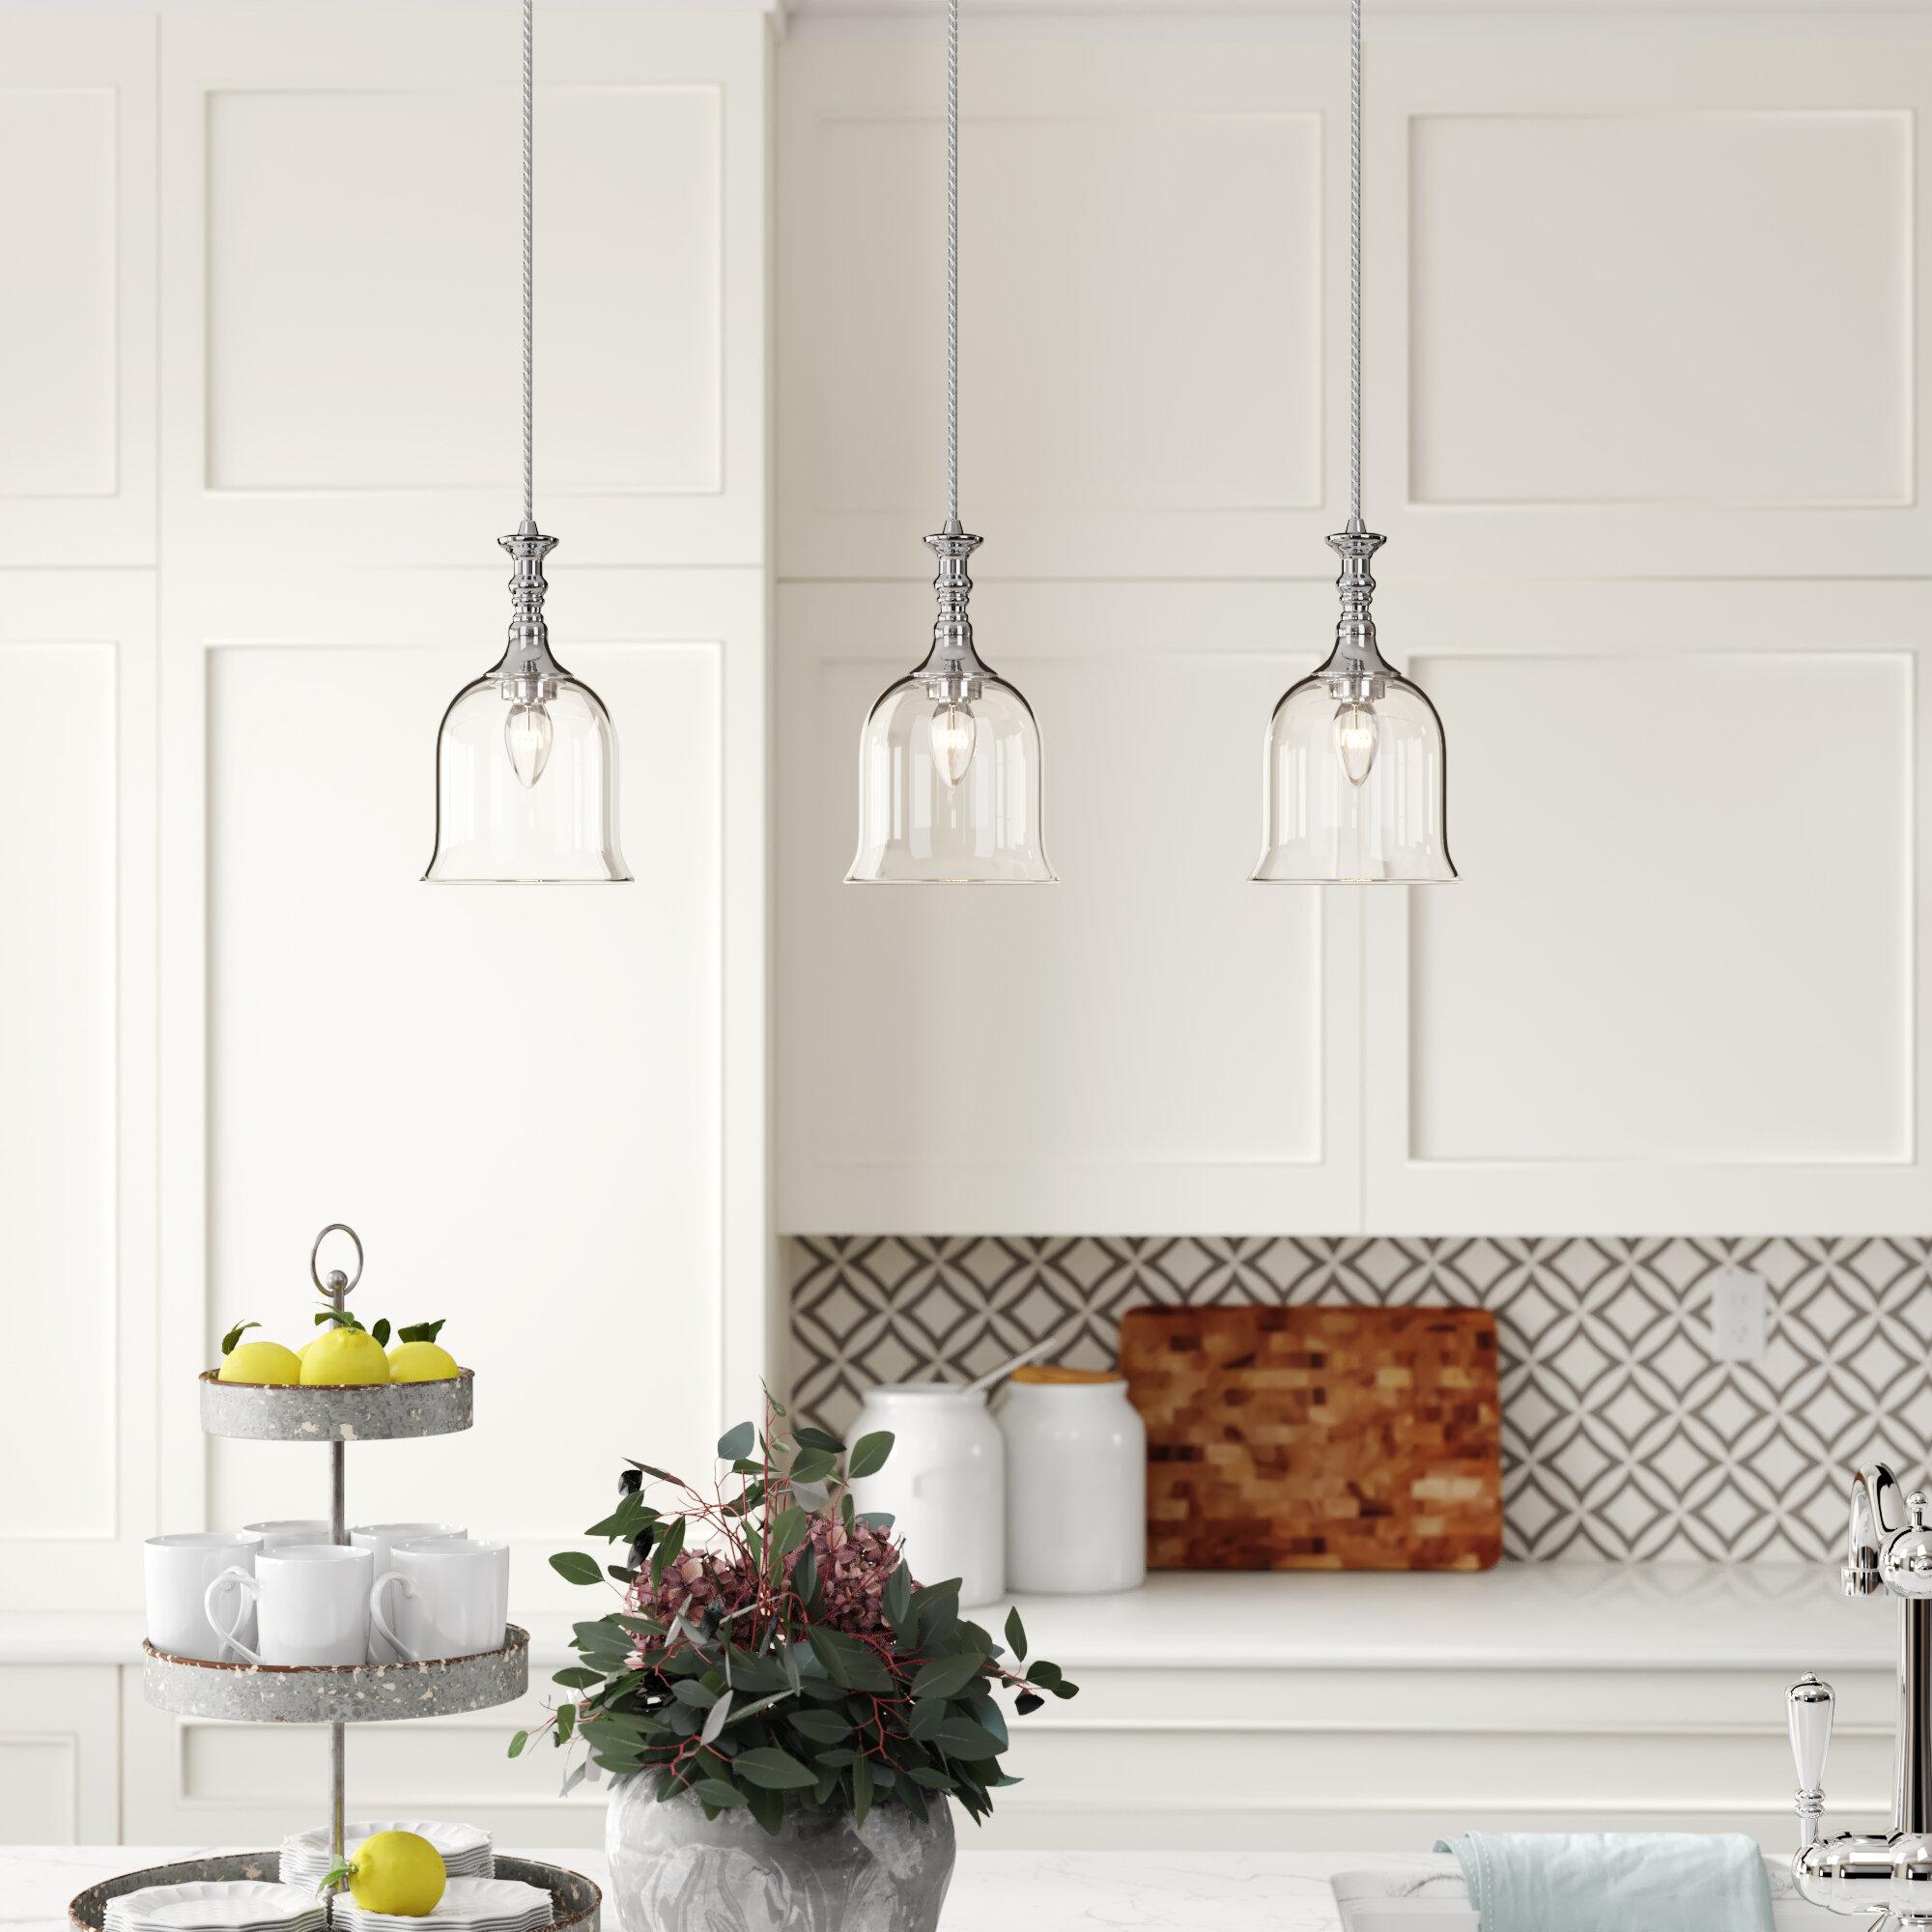 Hadley 3 Light Kitchen Island Linear Pendant Reviews Birch Lane